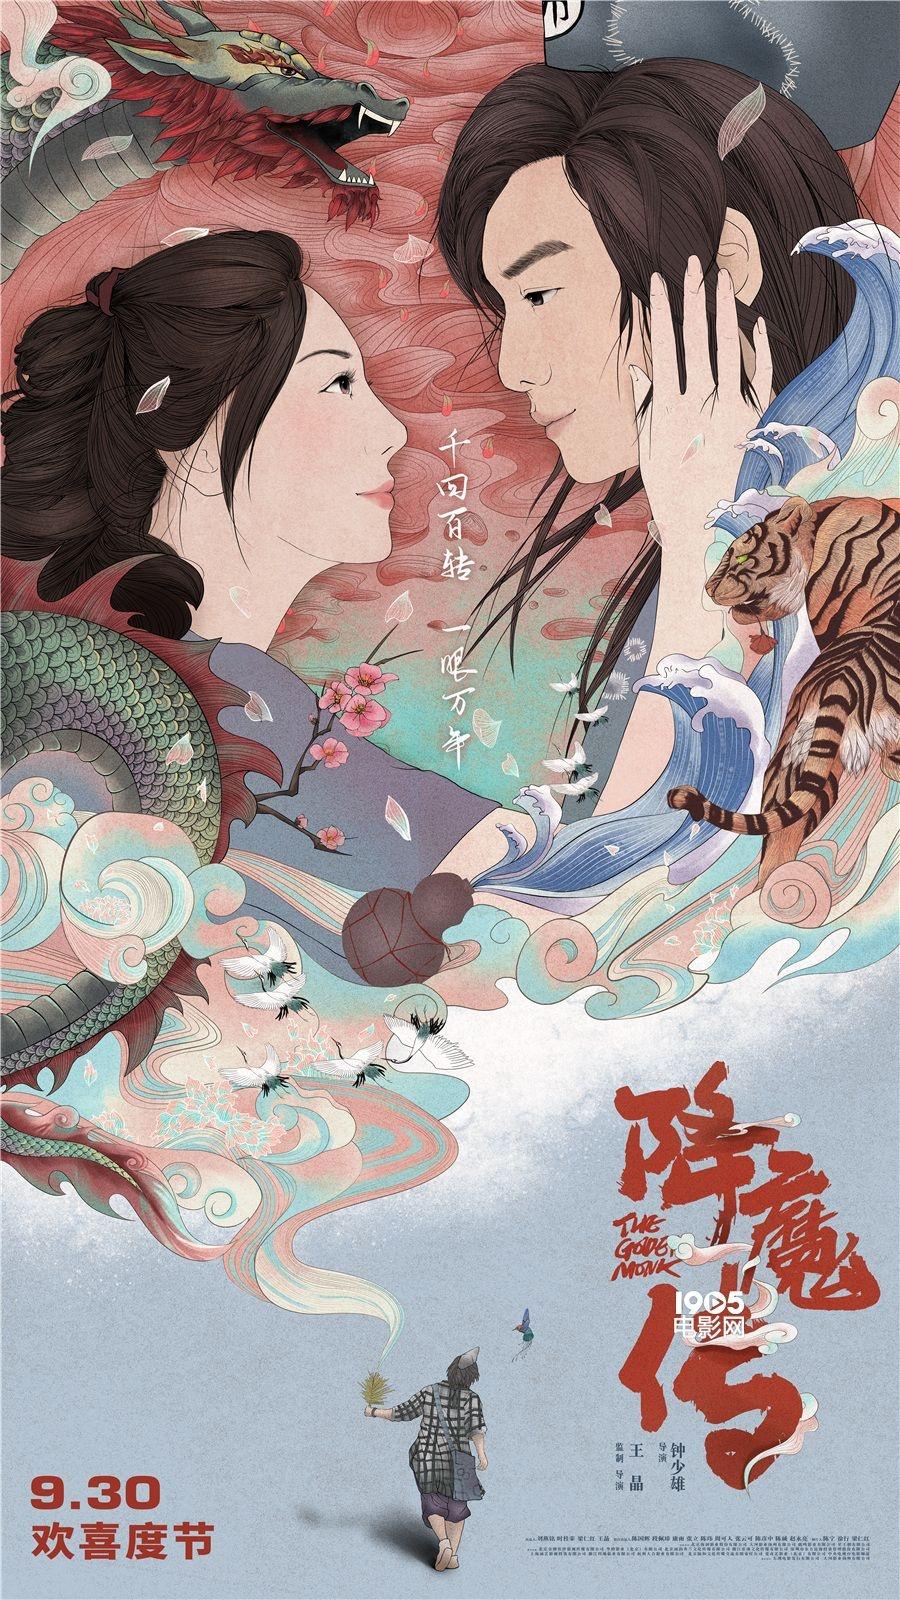 手绘的方式,漫画版的郑恺,张雨绮置身于仙鹤齐飞,桃花烂漫的唯美画面